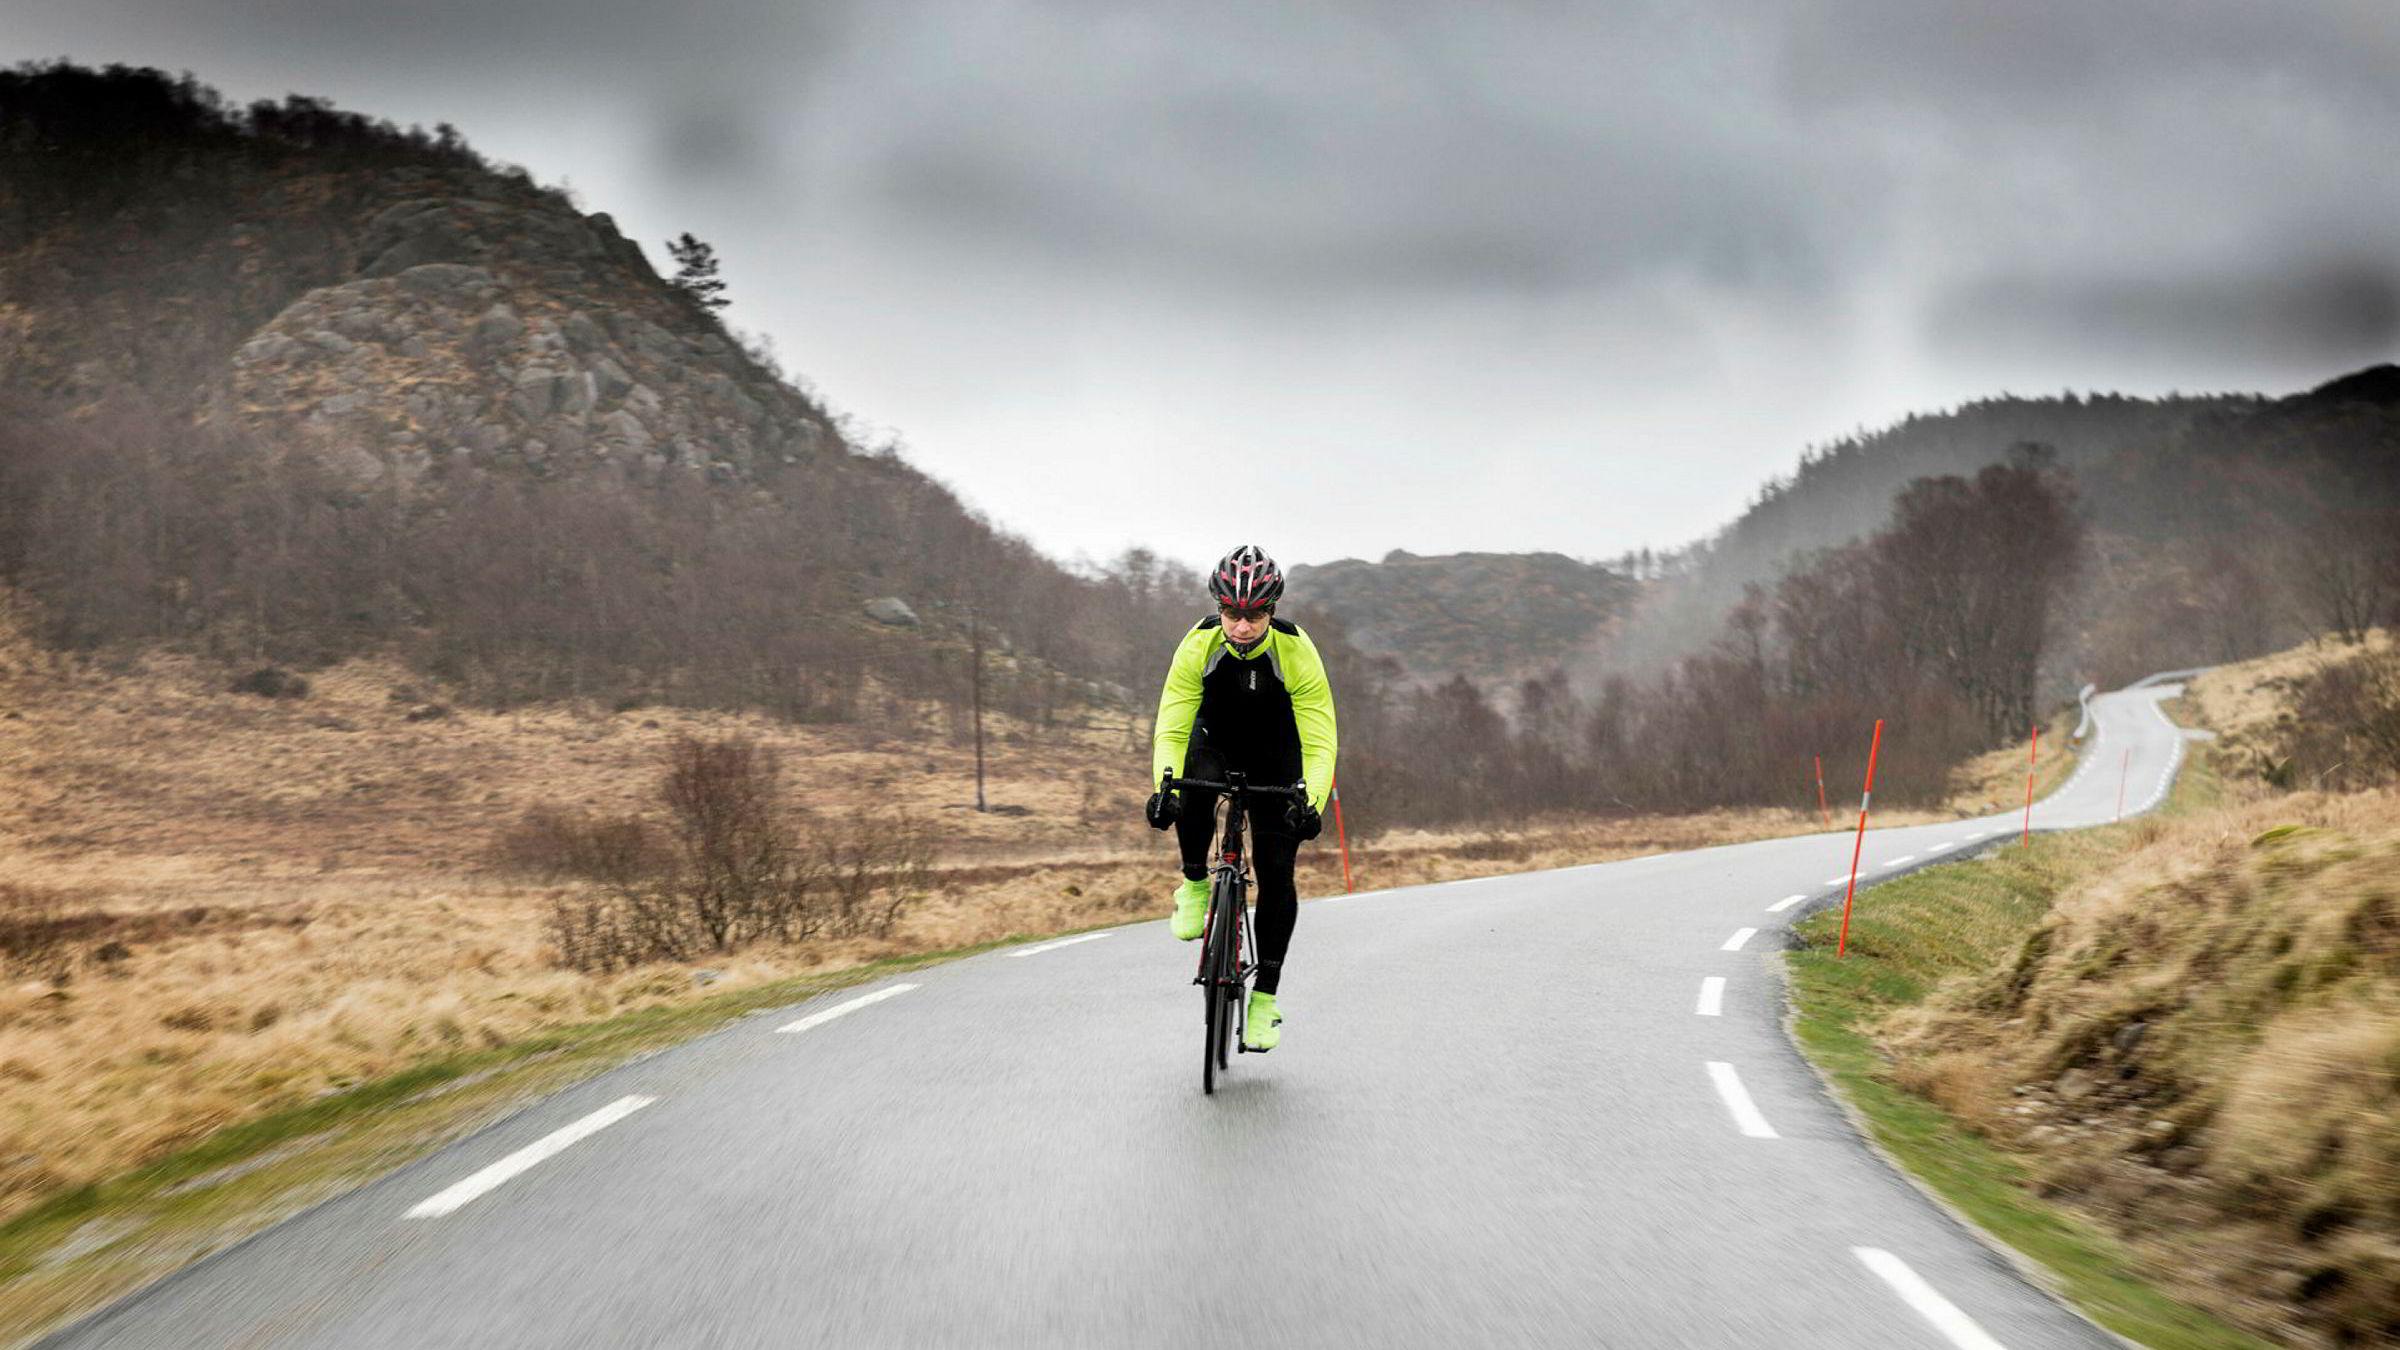 De smale veiene ved Ålgård i Rogaland byr ofte på gode forhold. Men når skyene tårner seg opp bak Johnny Stausholm byr naturkreftene på solid motstand på vei gjennom det røffe landskapet.